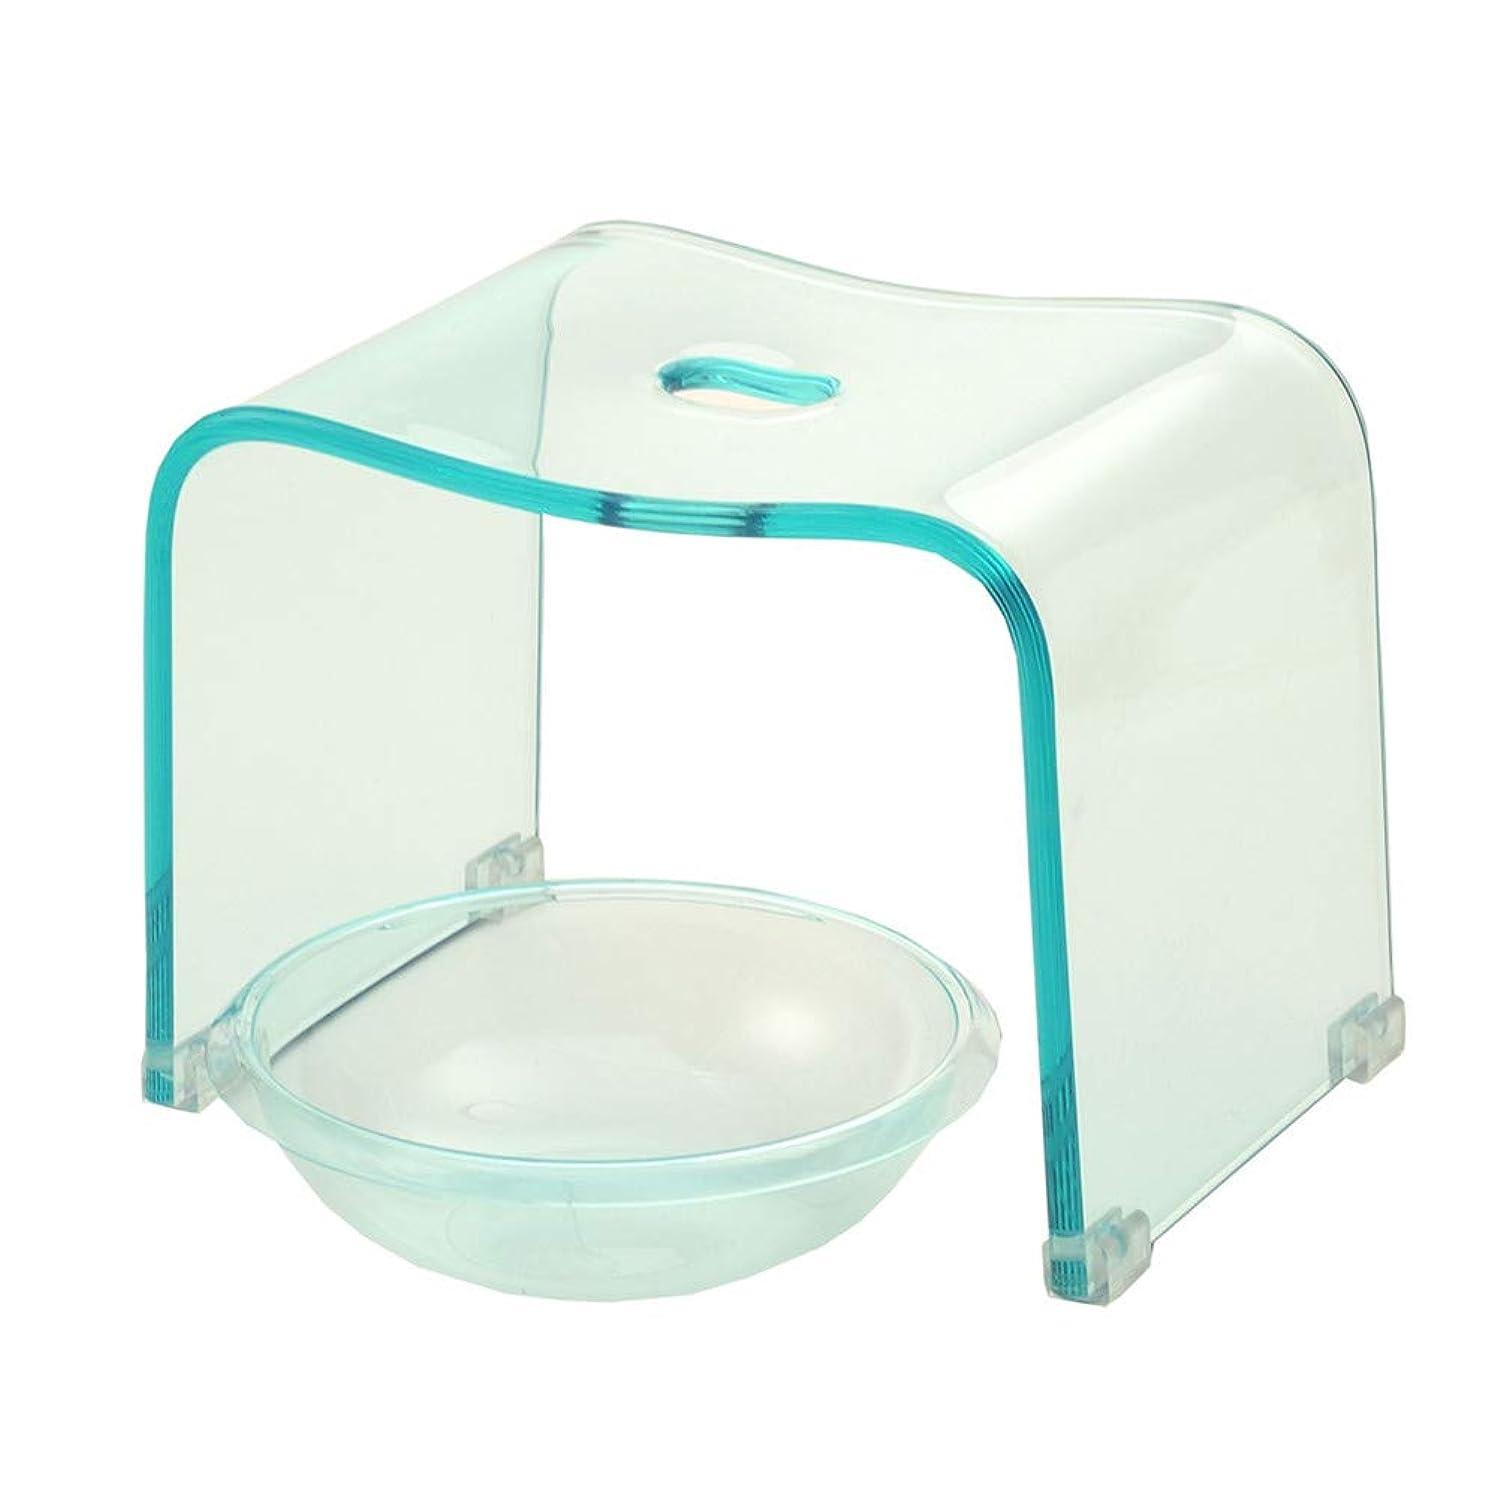 手入れシーン大邸宅アクリル バスチェア&ボウルセット 風呂椅子 洗面器 セット Mサイズ 高さ25cm 透明カラー (クリアブルー)